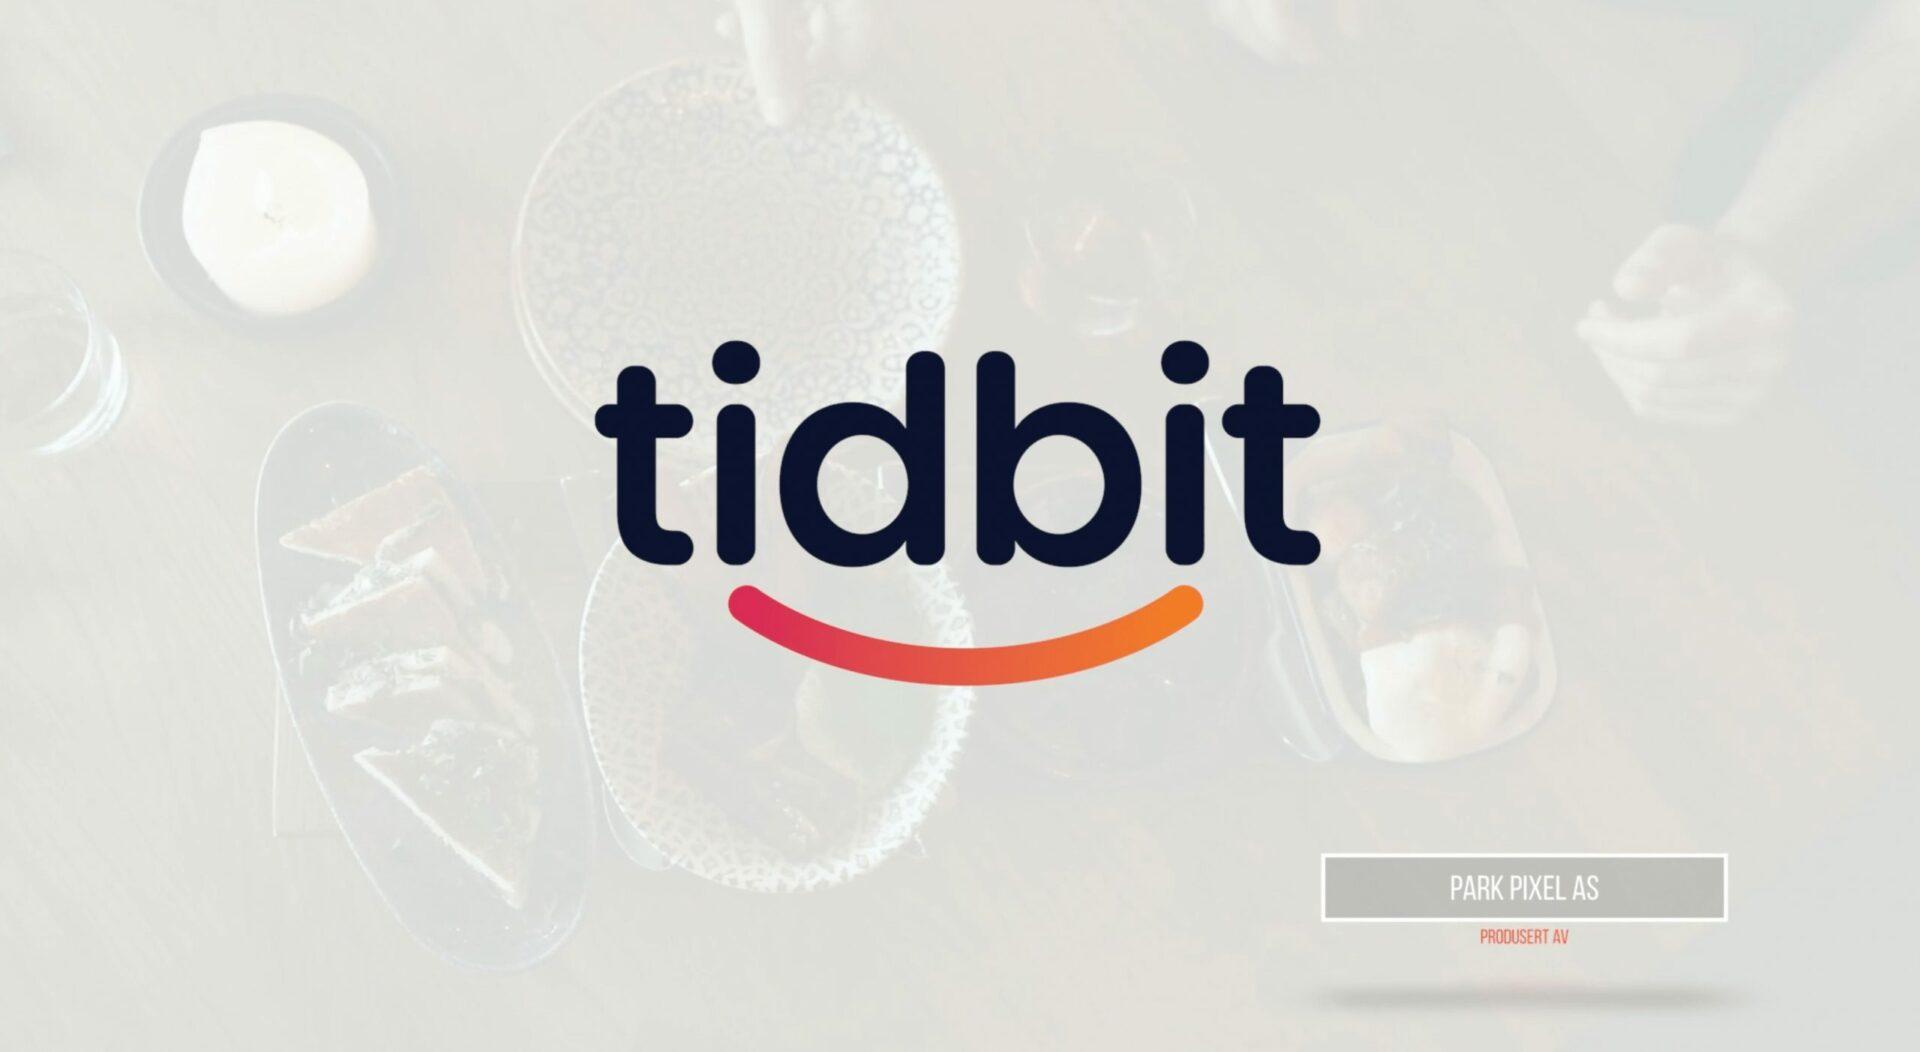 Reklame for Tidbit